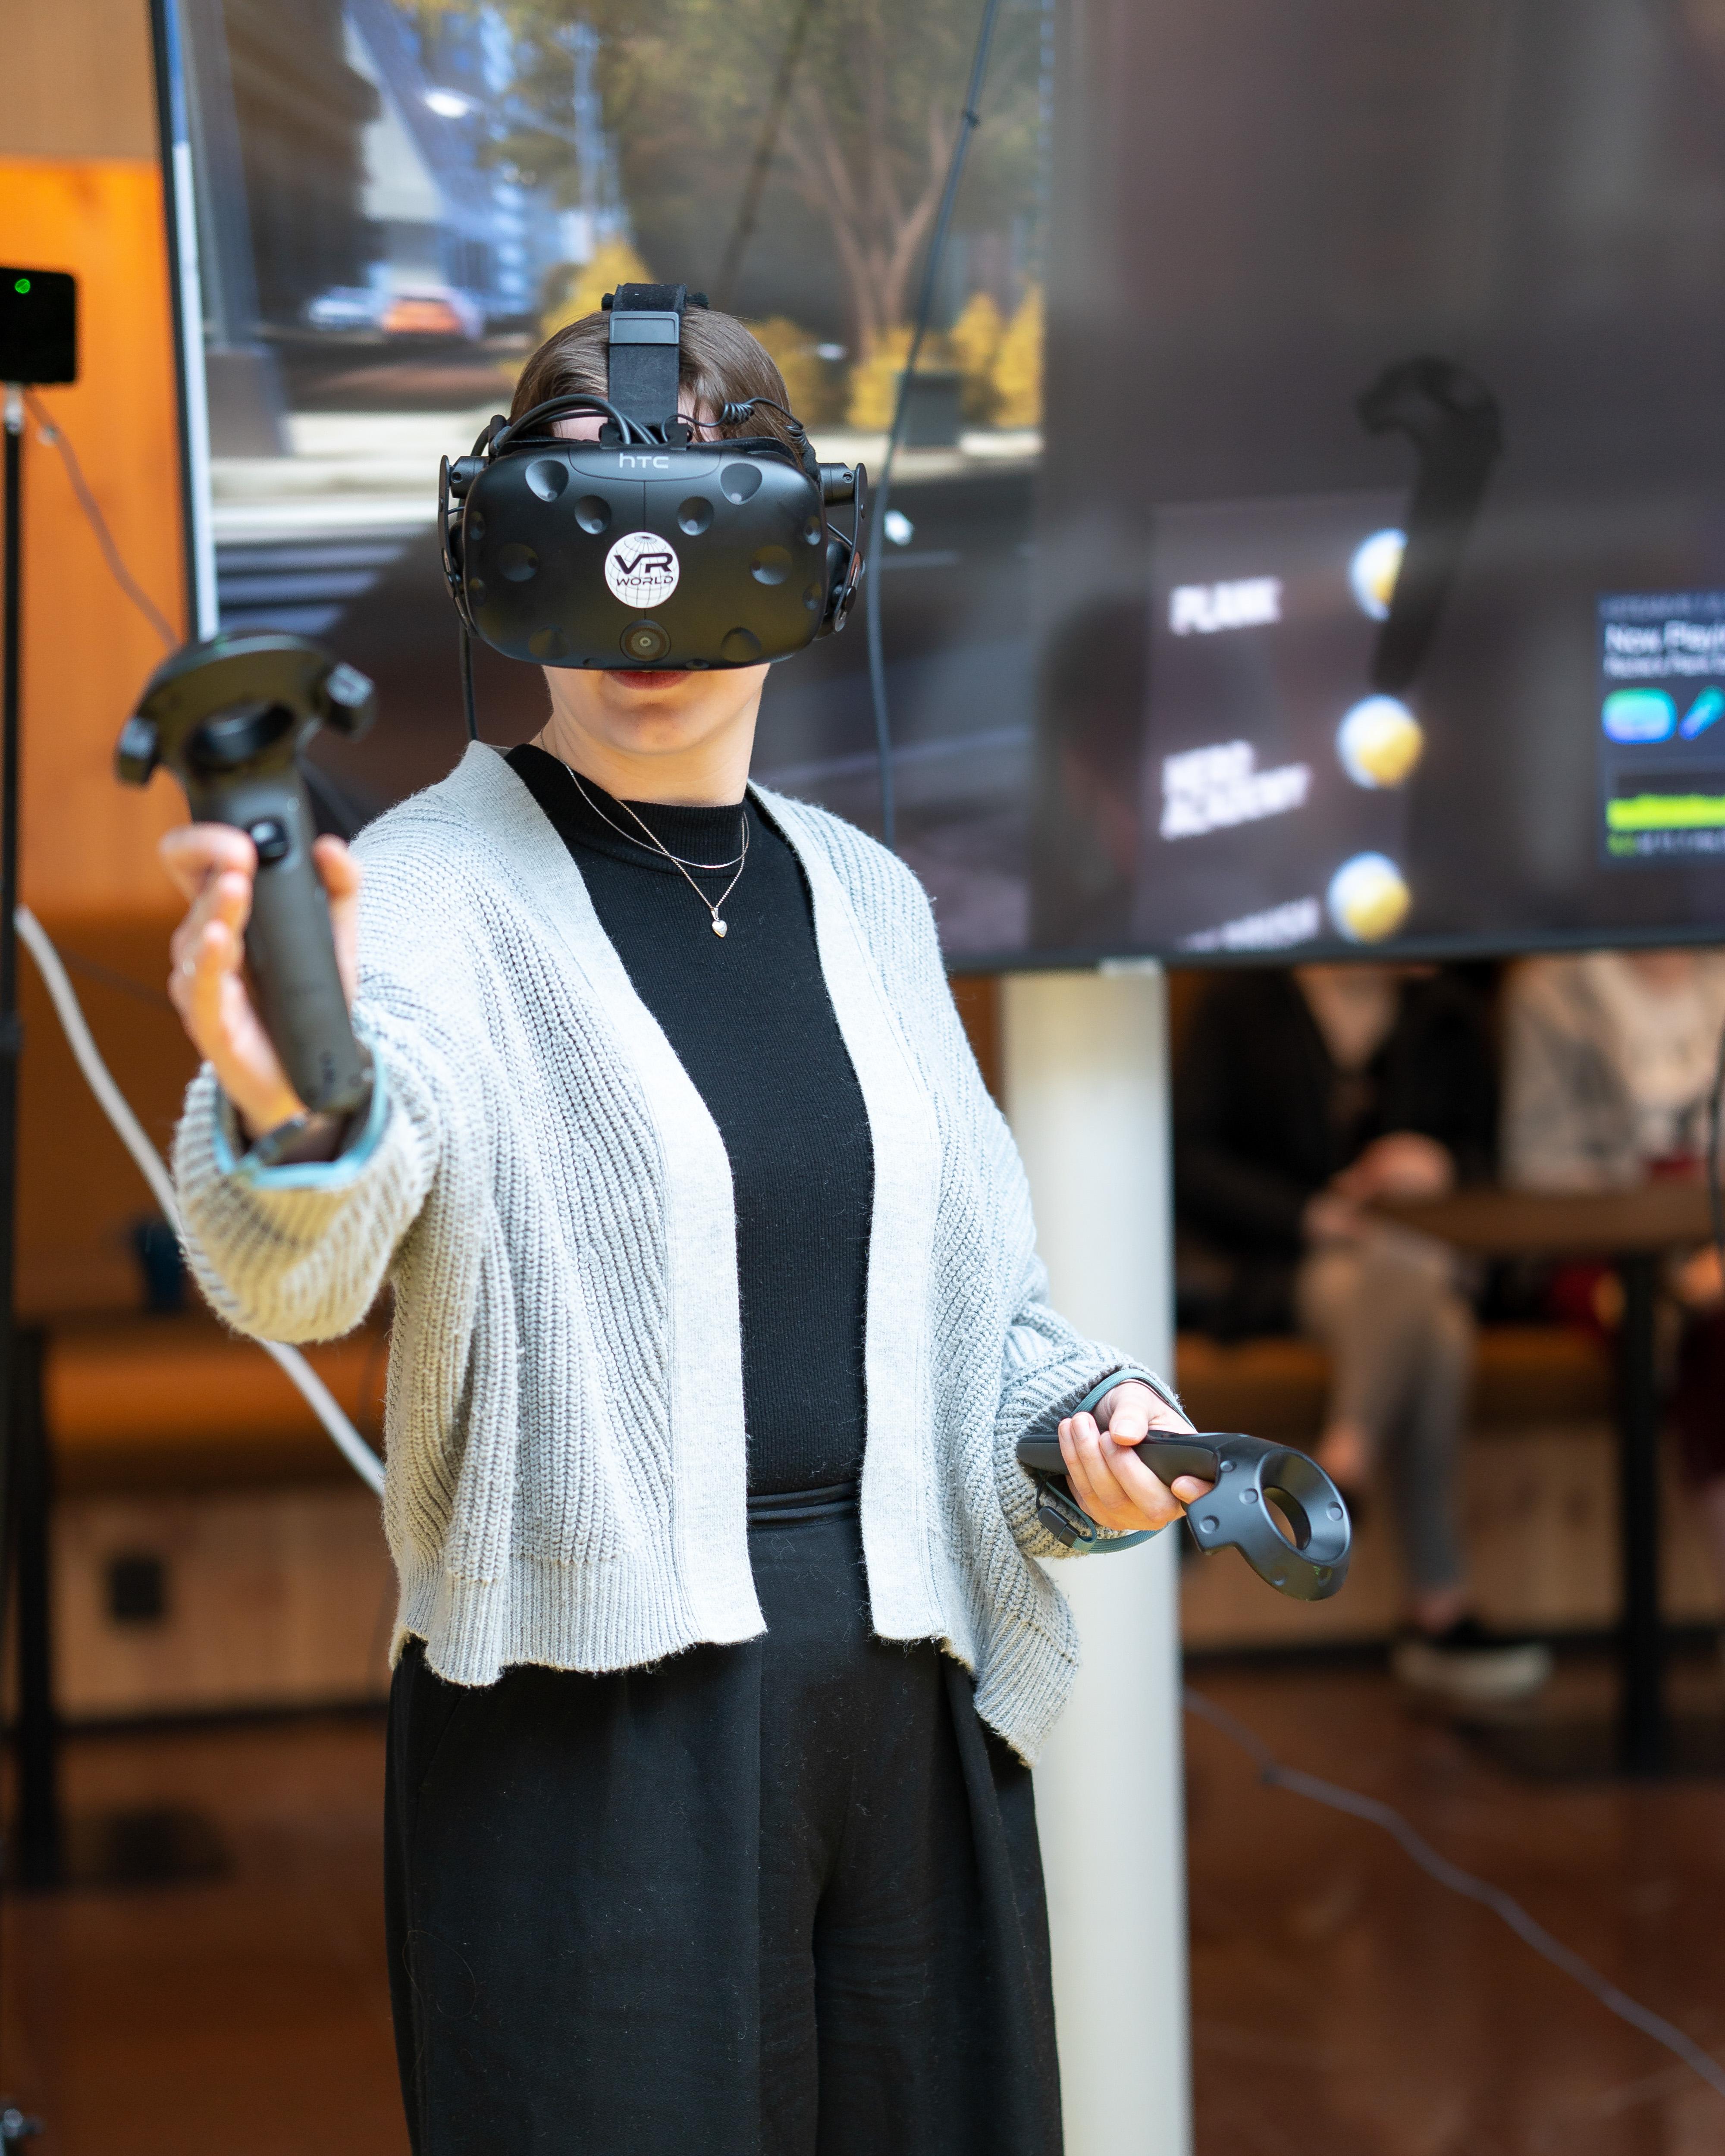 VR-World3